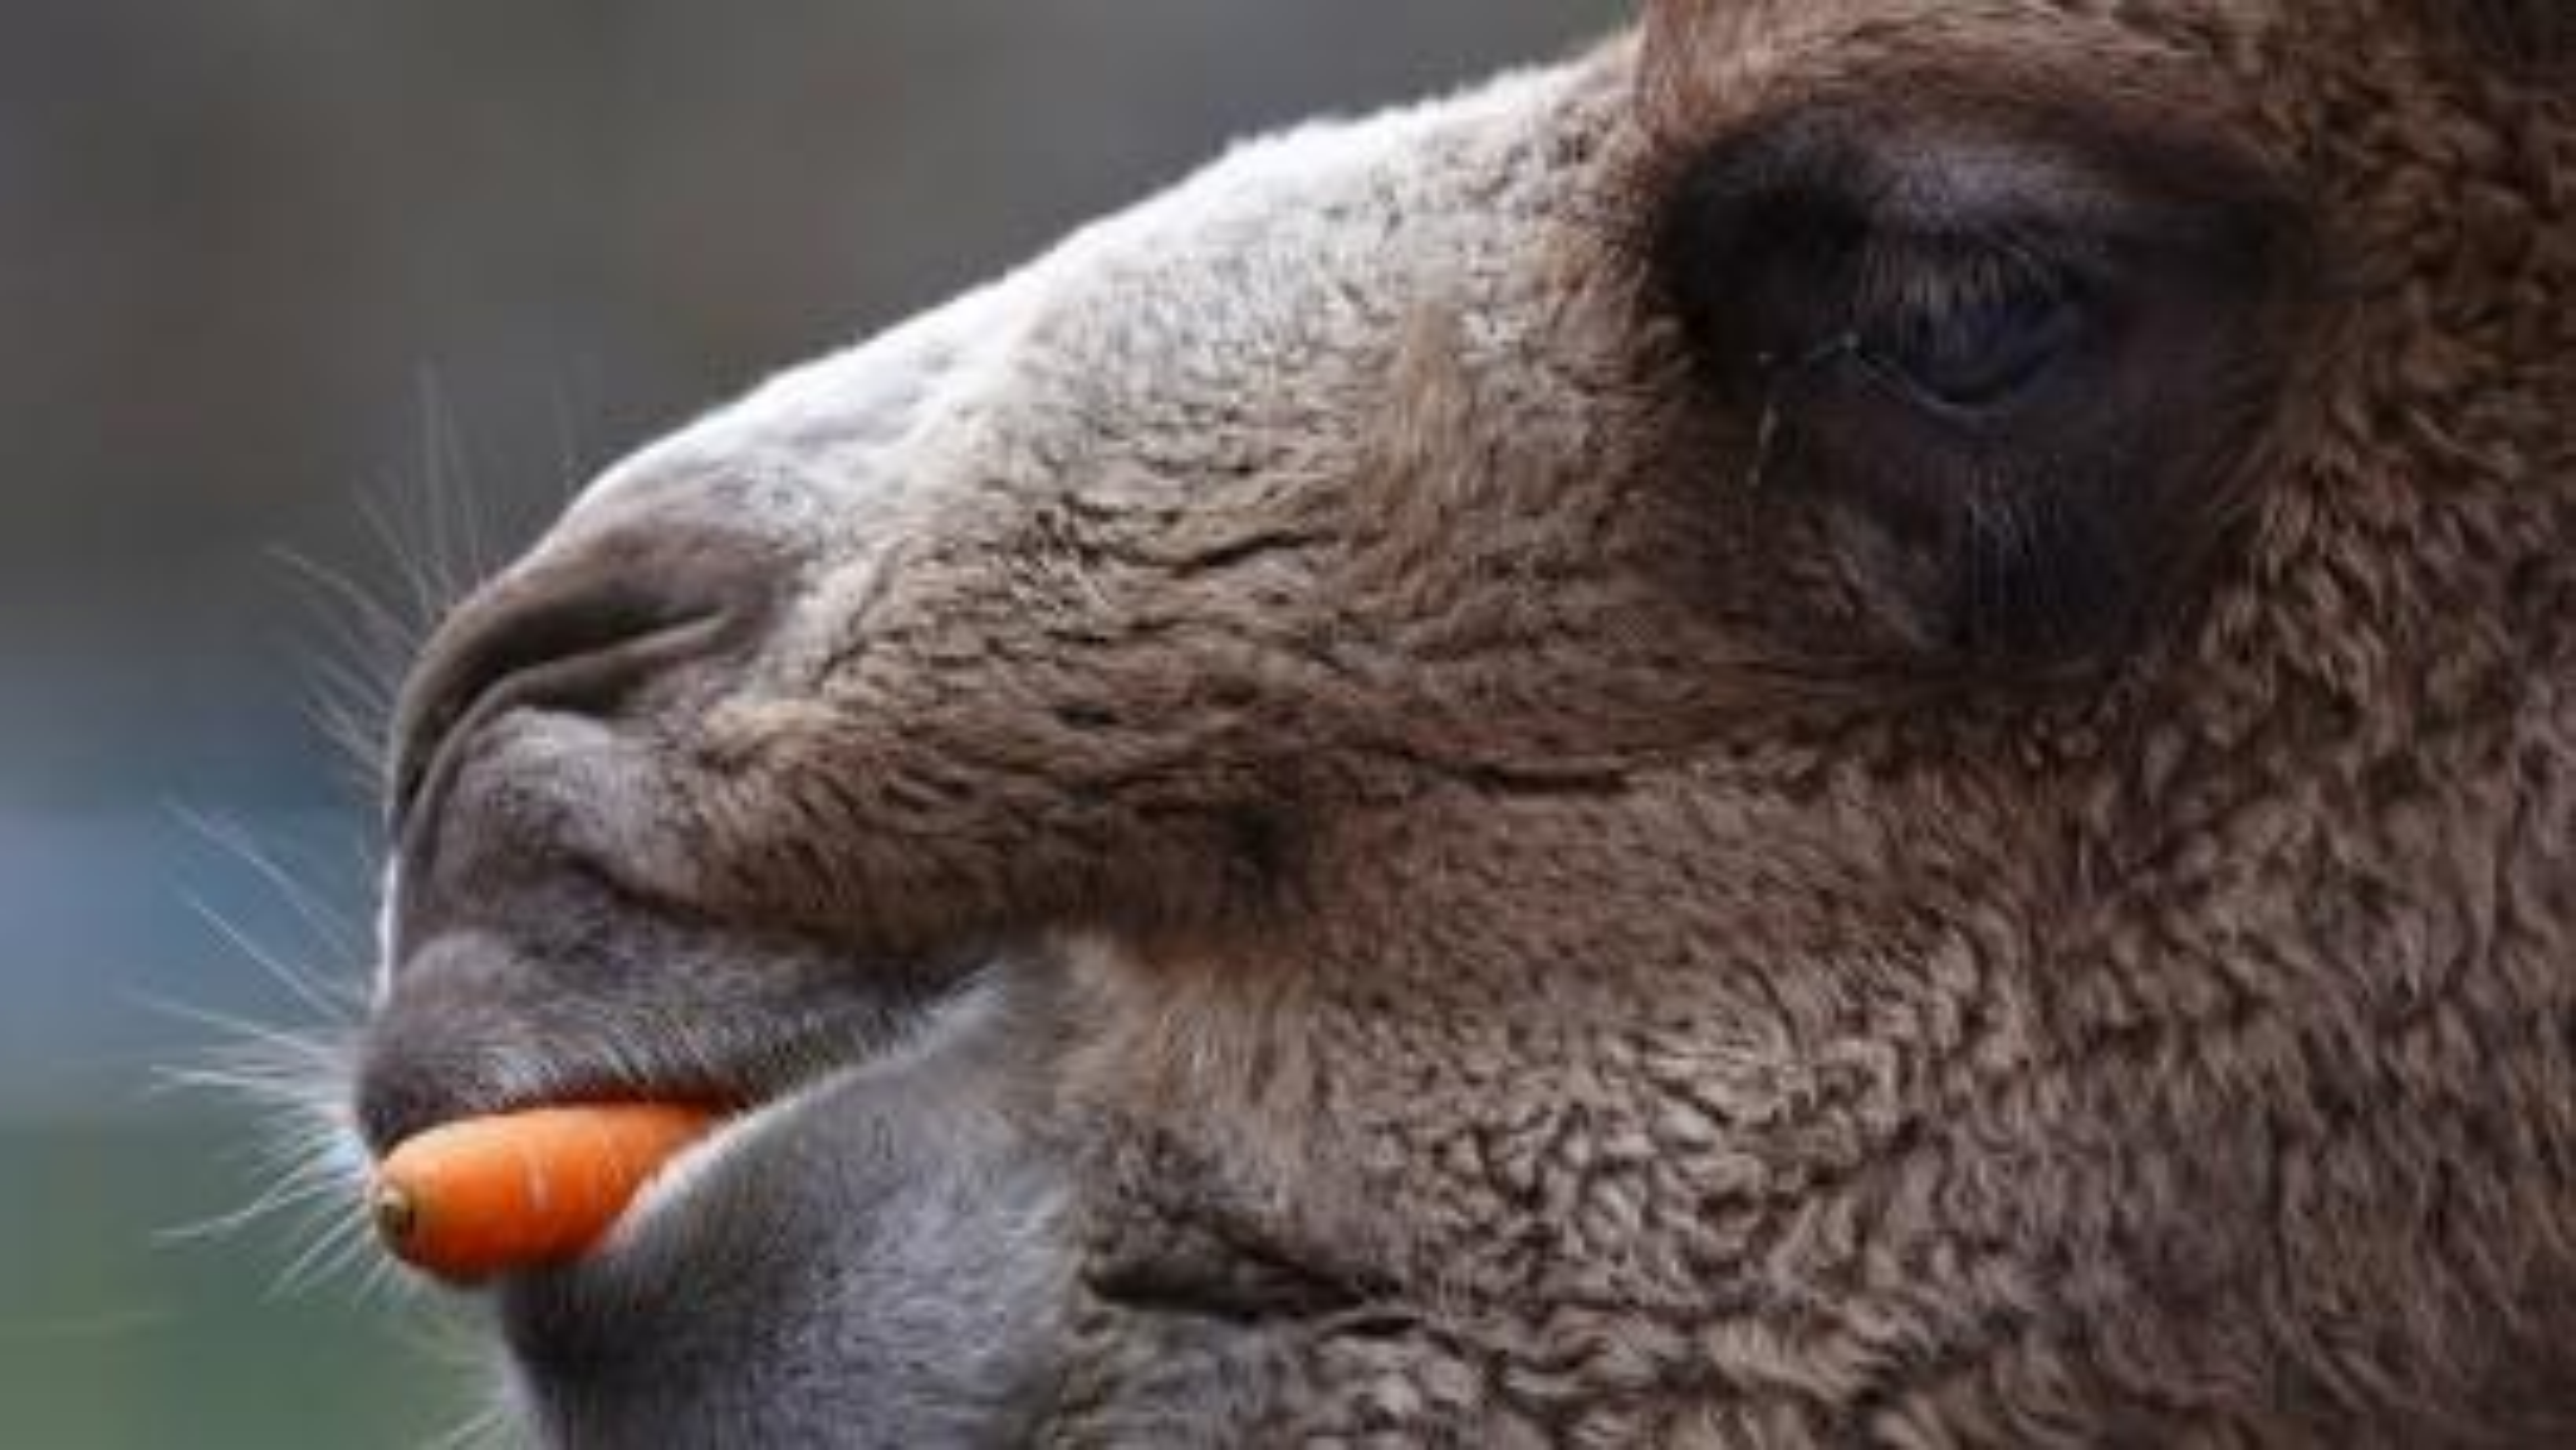 An animal eats a carrot. A vegan supermarket shutters.